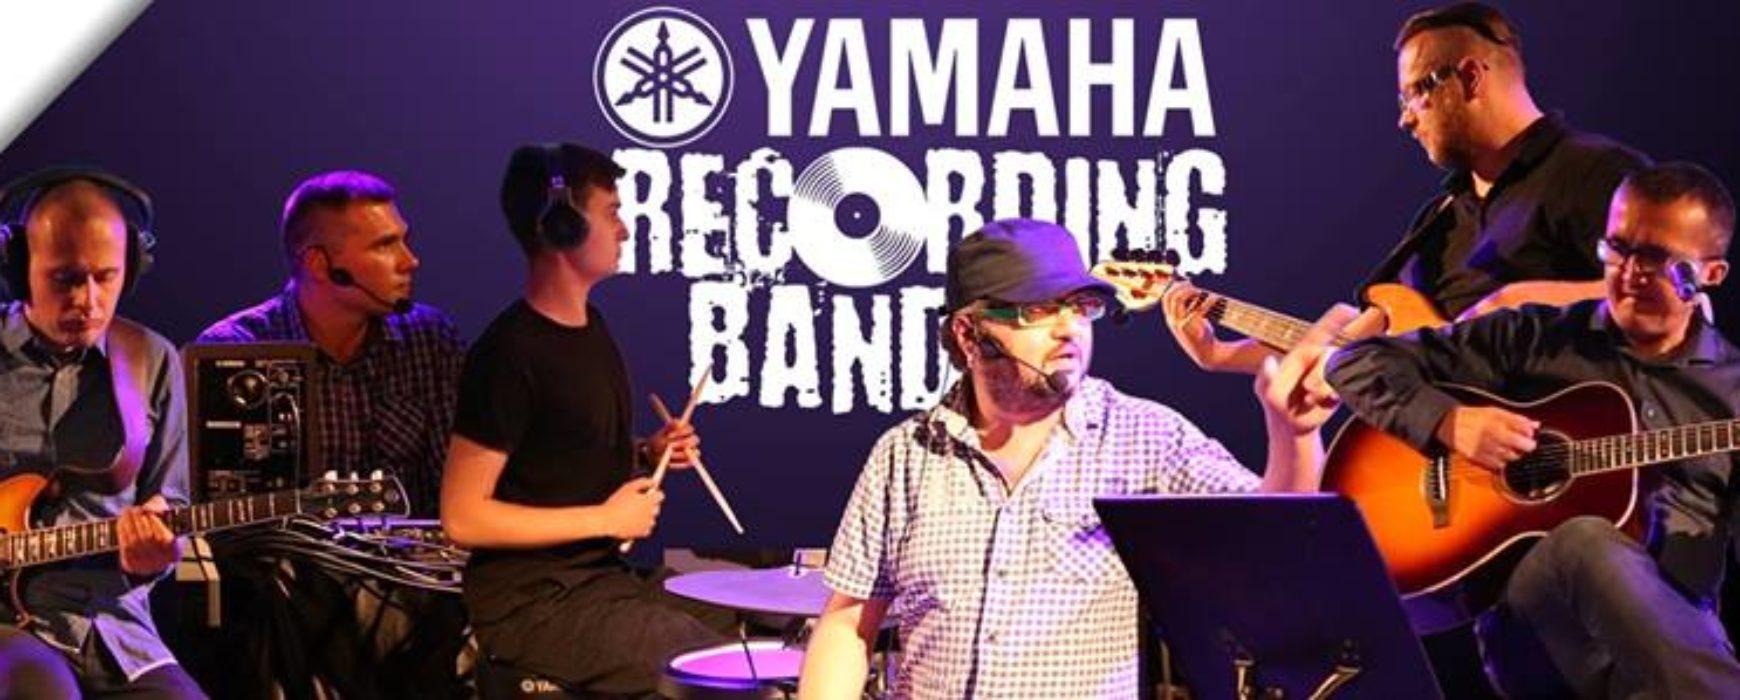 Yamaha Recording Band – 22 lutego 2017 r.